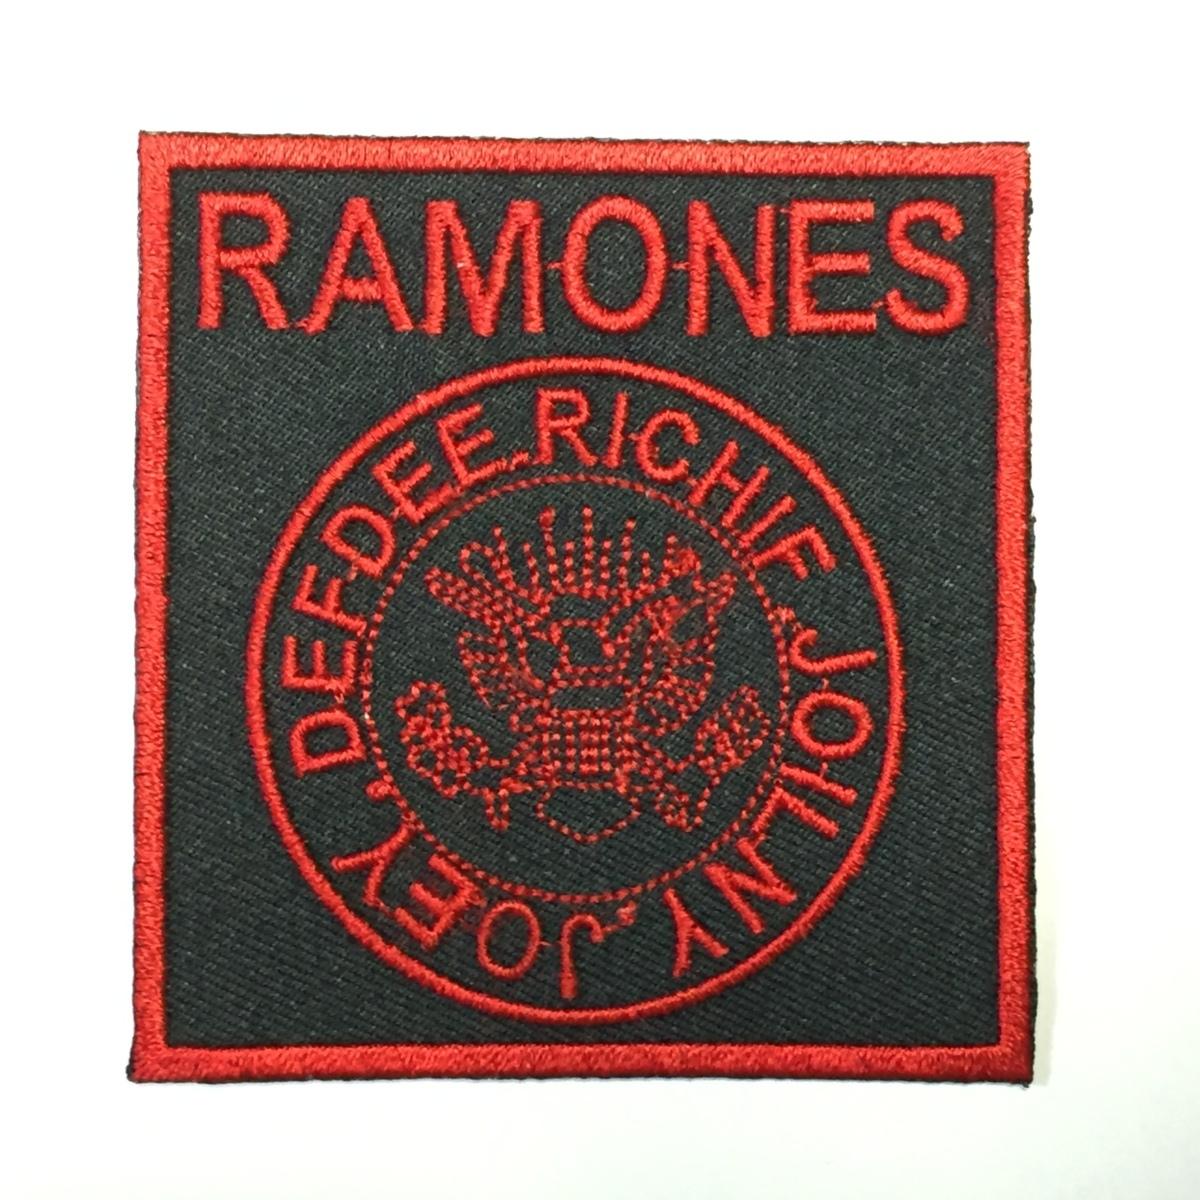 182 Ramones ラモーンズ ラモンズ 四角形ロゴ アイロン ワッペン 音楽 パンク ロック リペア カスタム 刺繍ワッペン アイロンワッペン_画像1